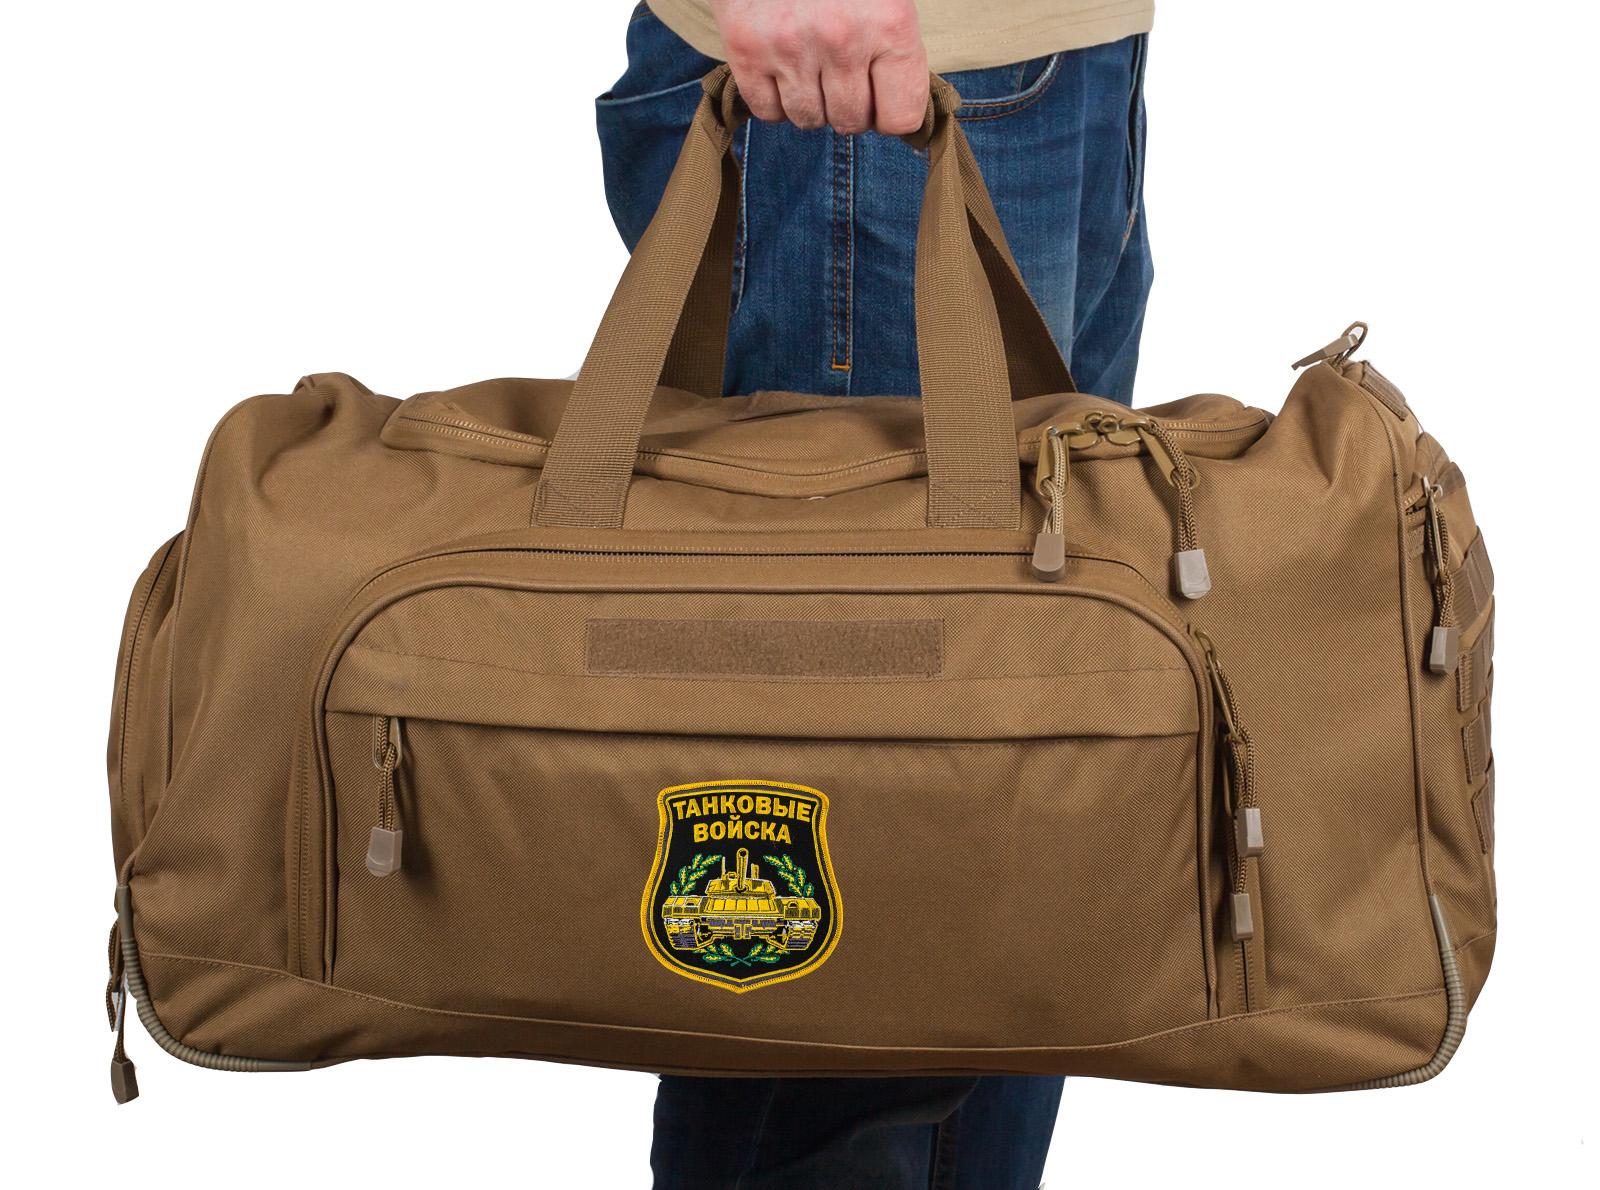 Купить походную вместительную сумку 08032 B Coyote с нашивкой Танковые Войска с доставкой выгодно